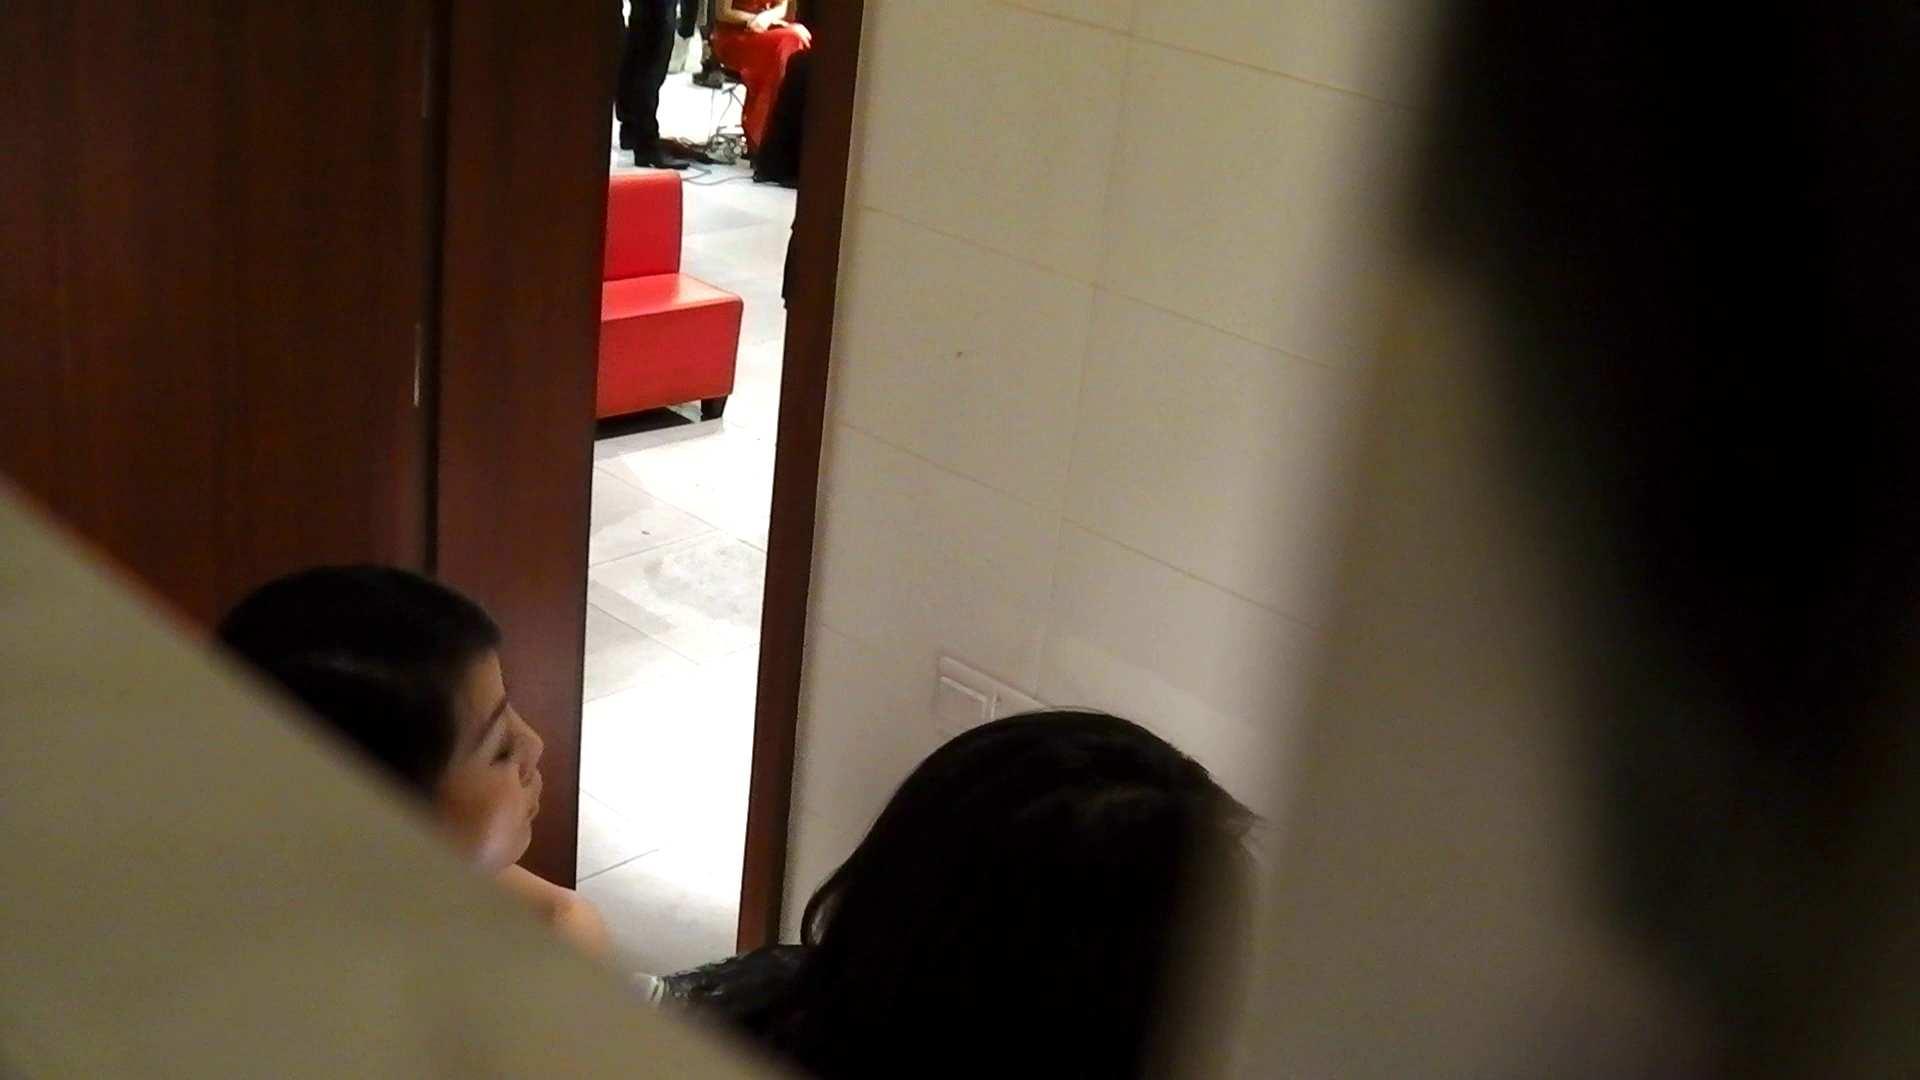 洗寿観音さんの 化粧室は四面楚歌Nol.5 洗面所  108枚 46